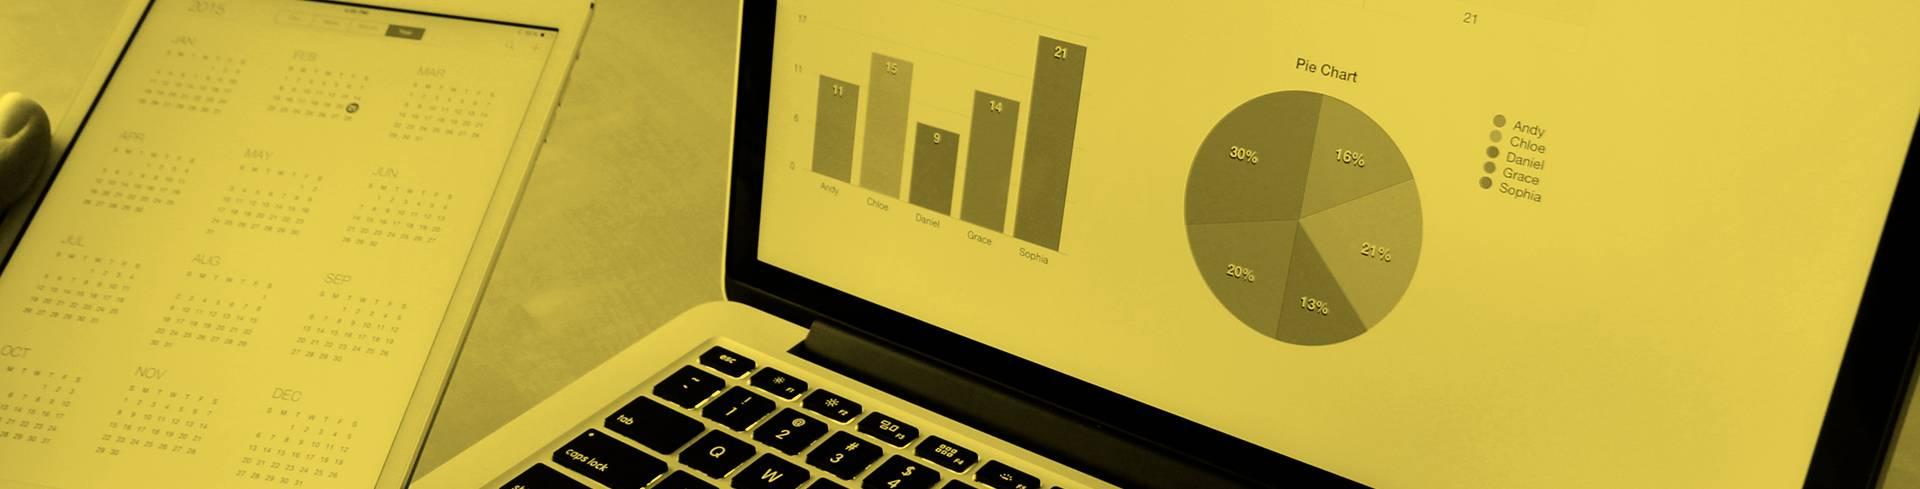 Curso Introducción al análisis de datos para la toma de decisiones